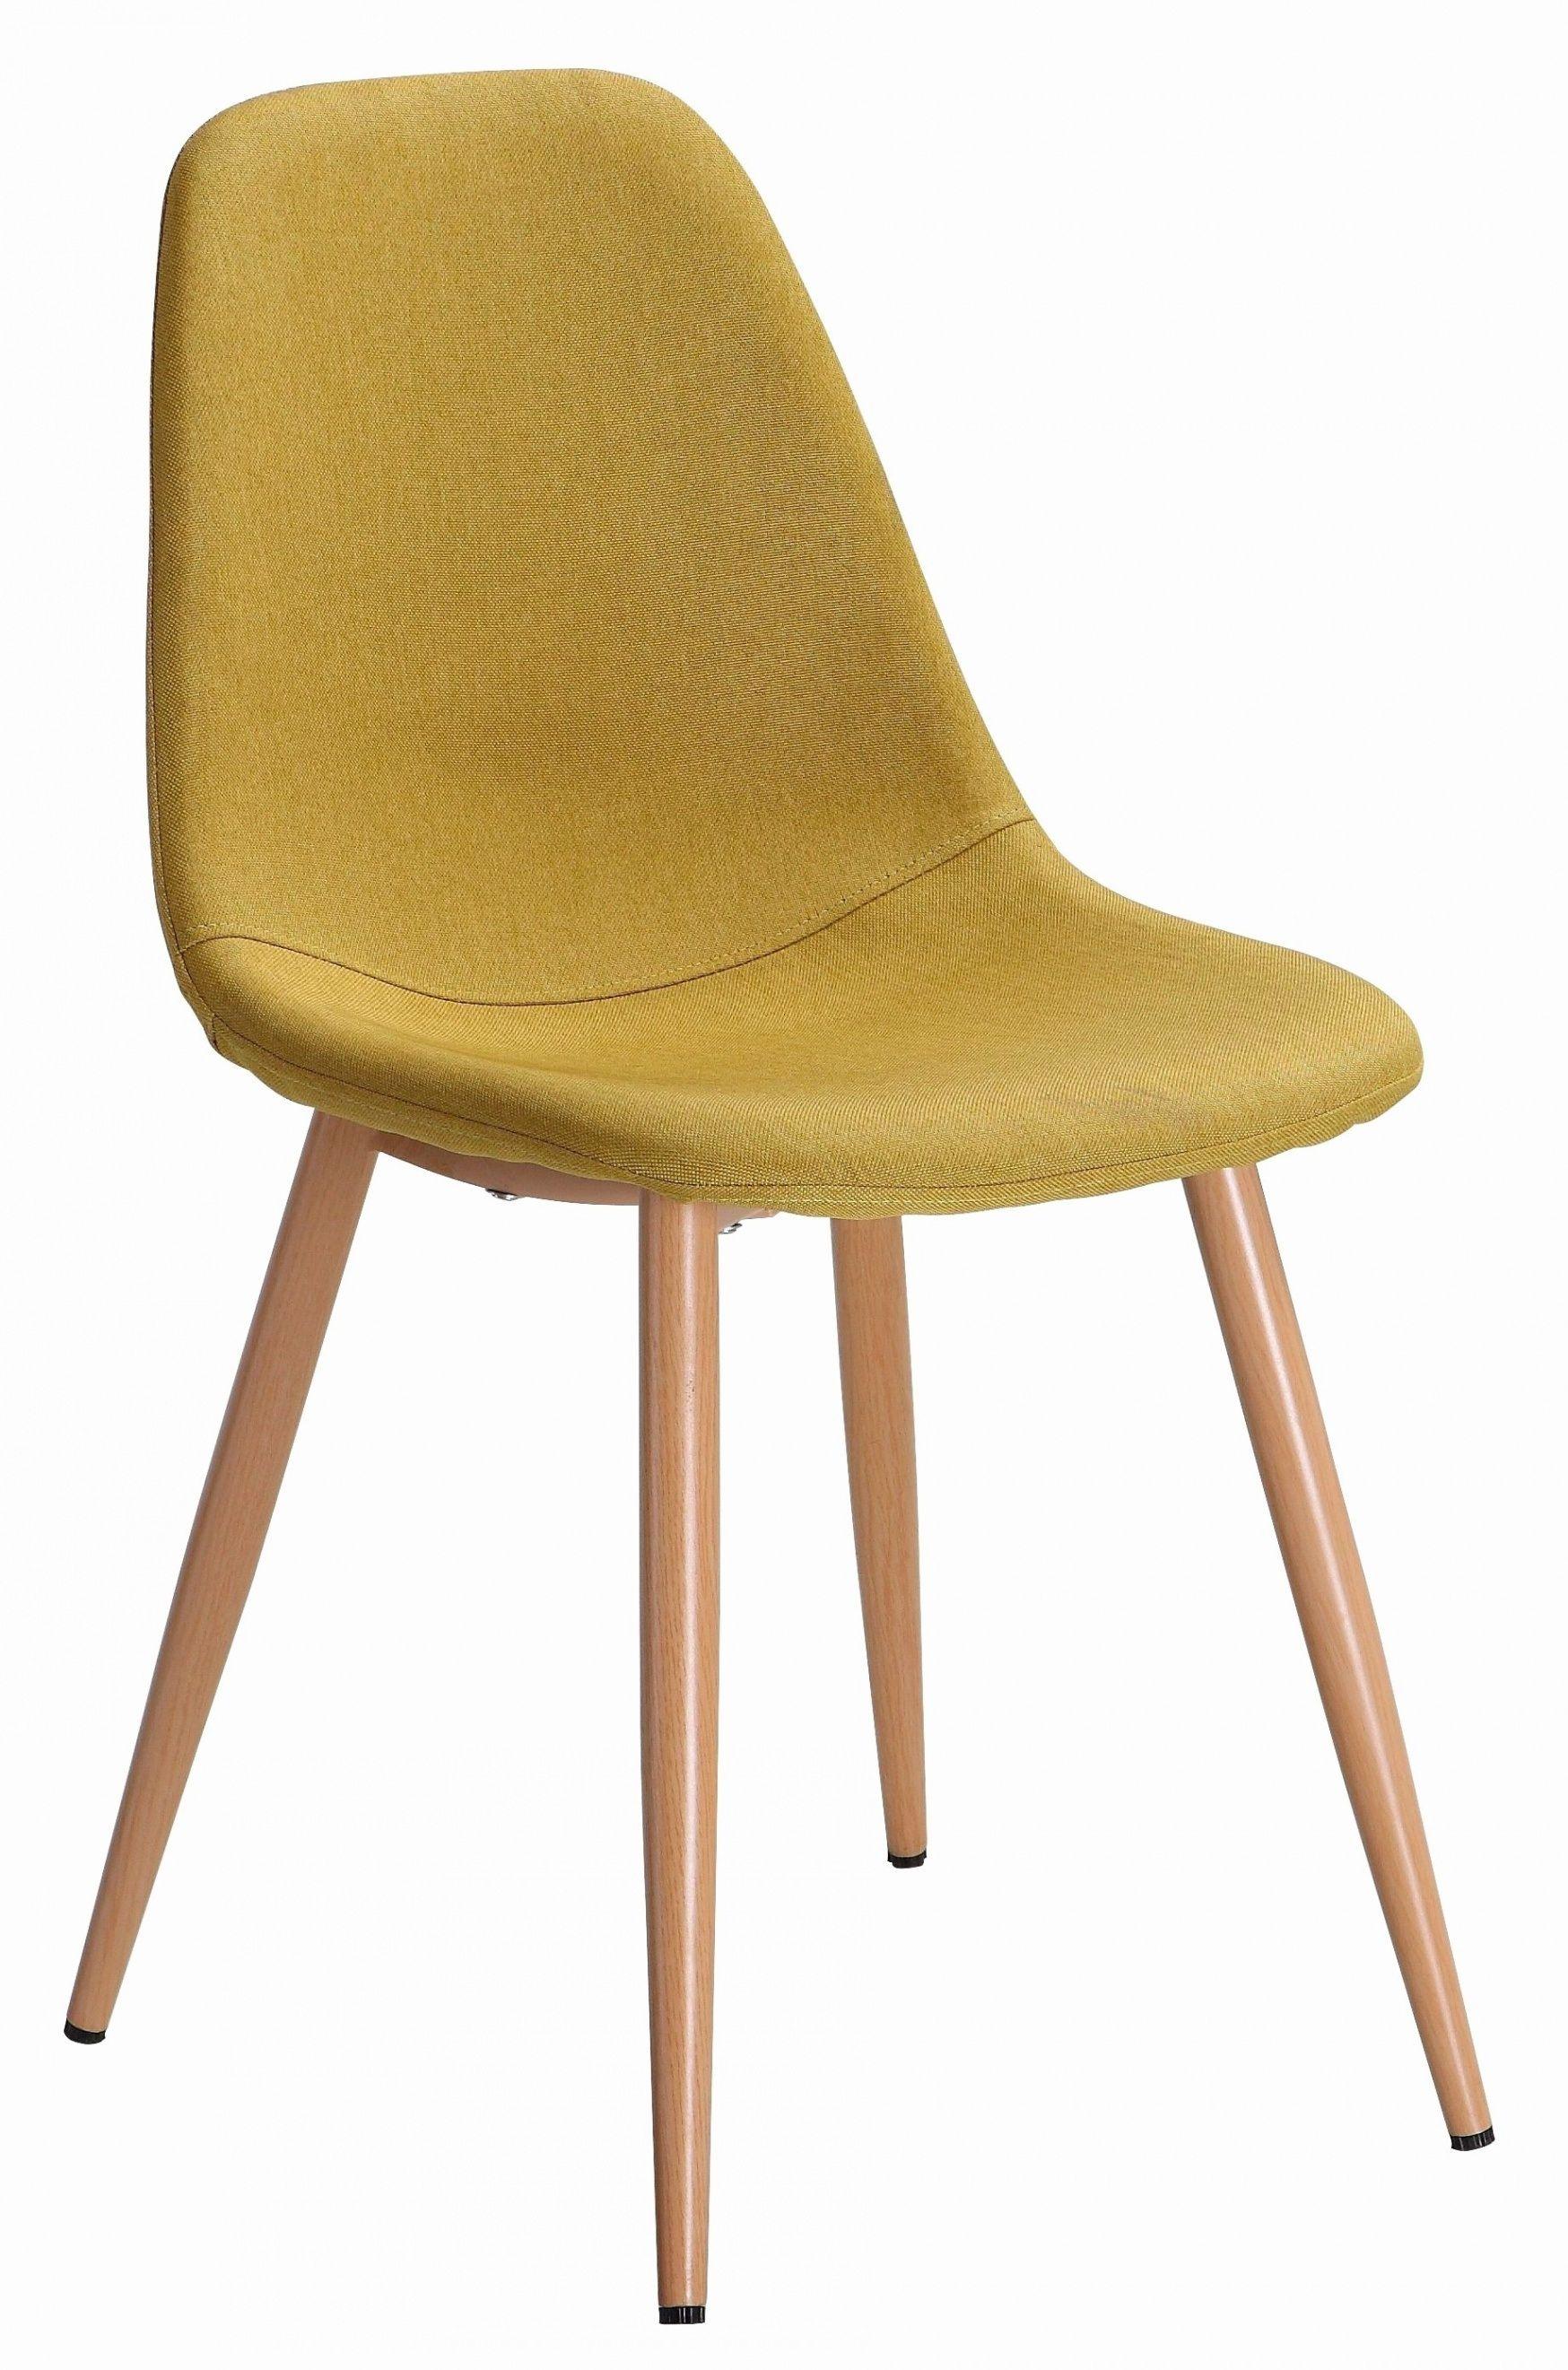 55 Faire Housse De Chaise Soi Meme Check More At Https Iqkltx Info 55 Faire Housse De Chaise Soi Meme Chaise Furniture